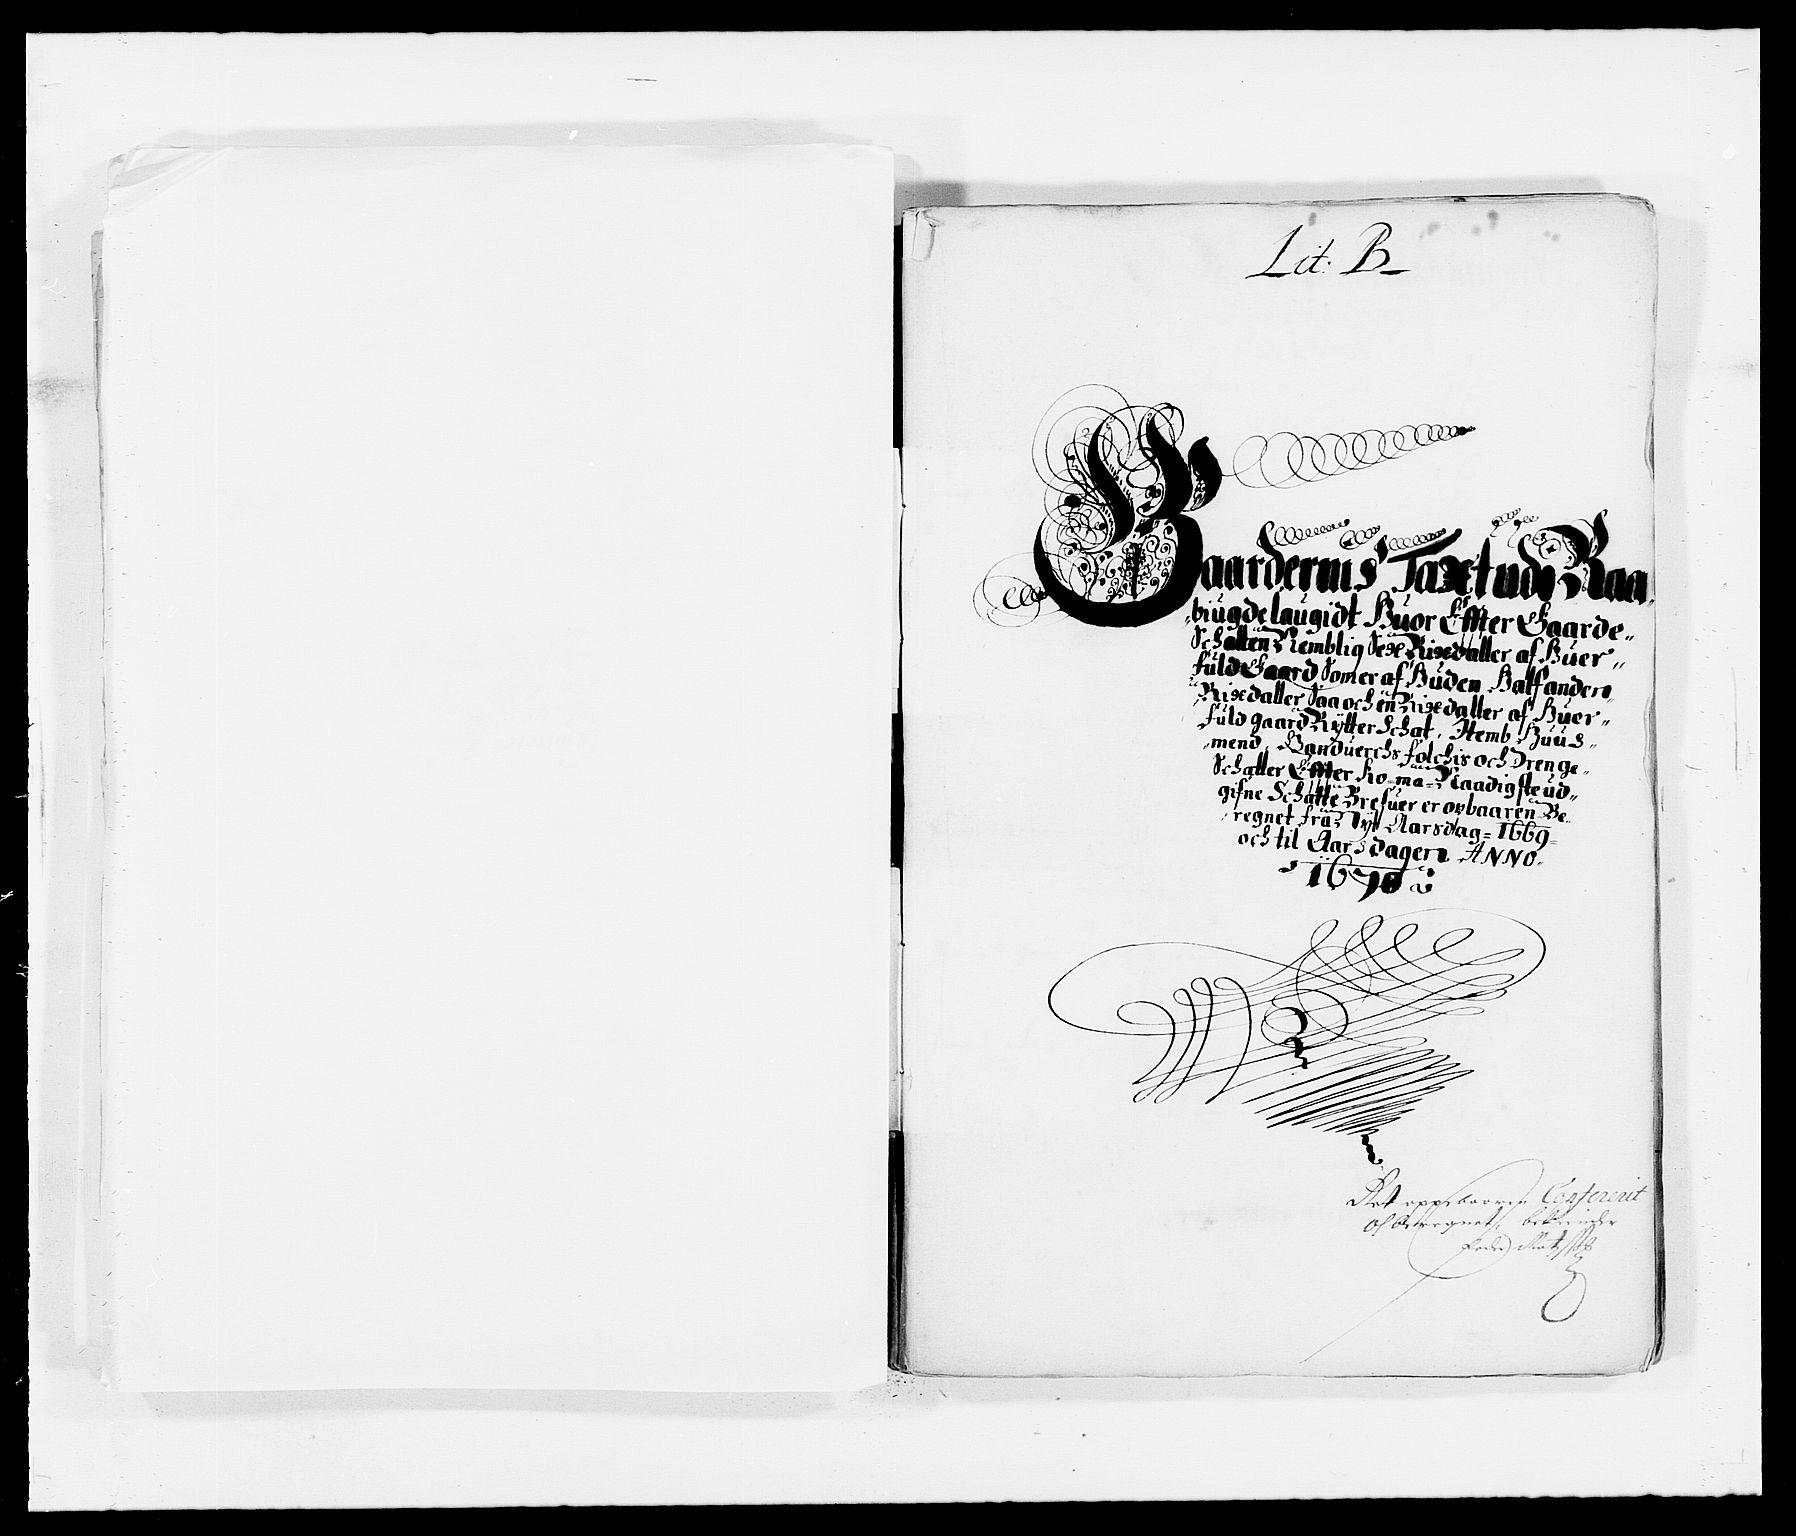 RA, Rentekammeret inntil 1814, Reviderte regnskaper, Fogderegnskap, R40/L2432: Fogderegnskap Råbyggelag, 1669-1670, s. 54